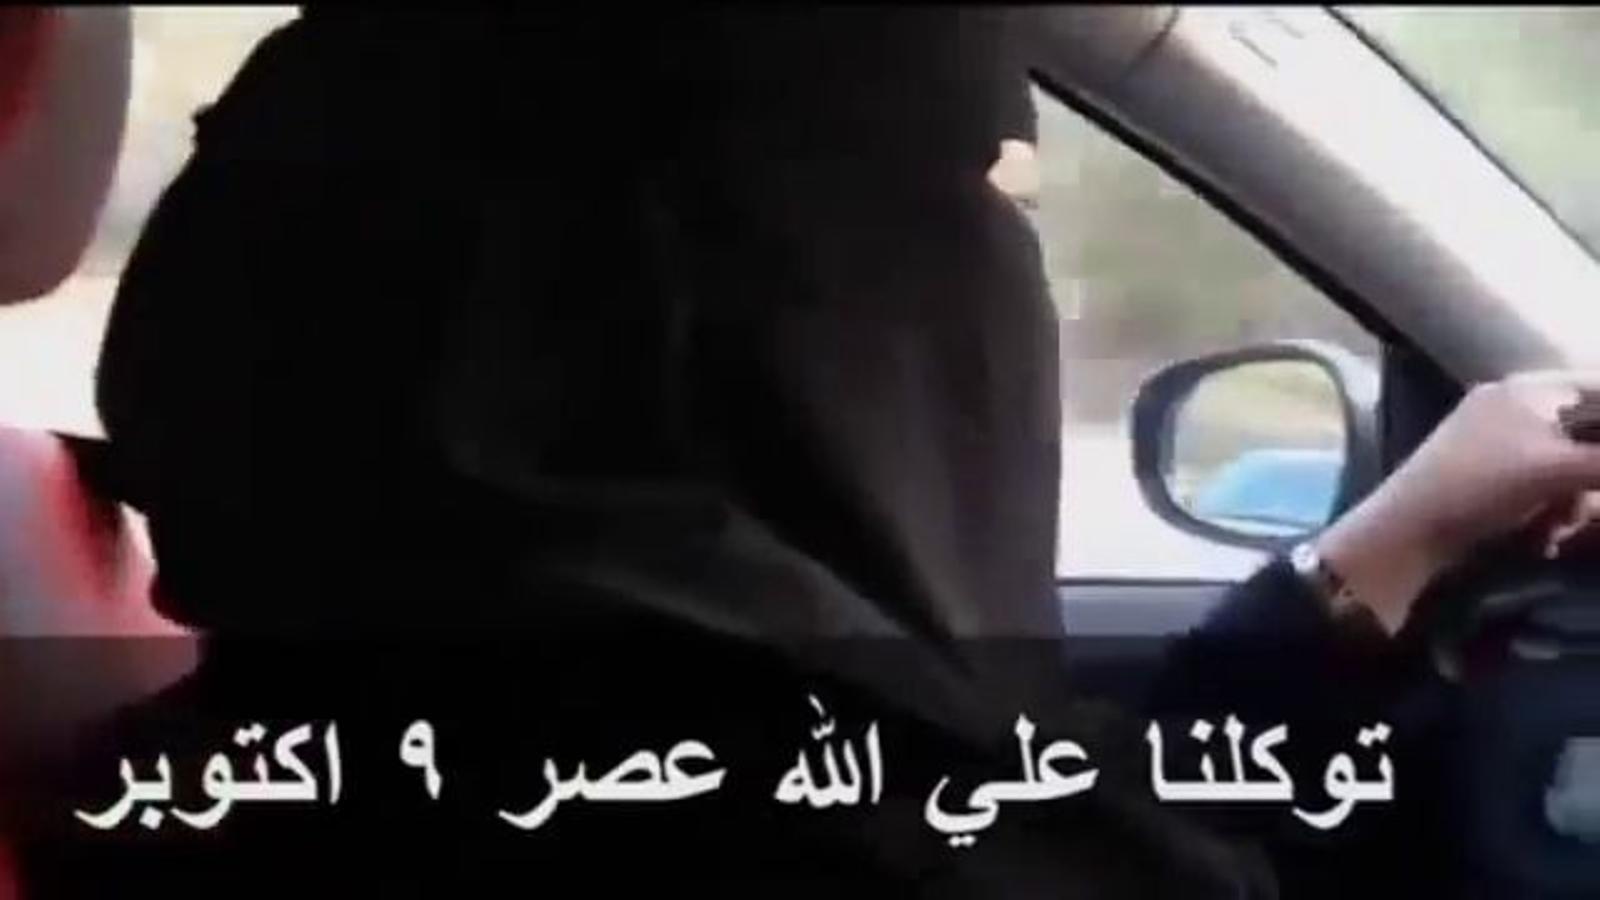 Dones de l'Aràbia Saudita surten a conduir per desafiar la llei que els ho prohibeix